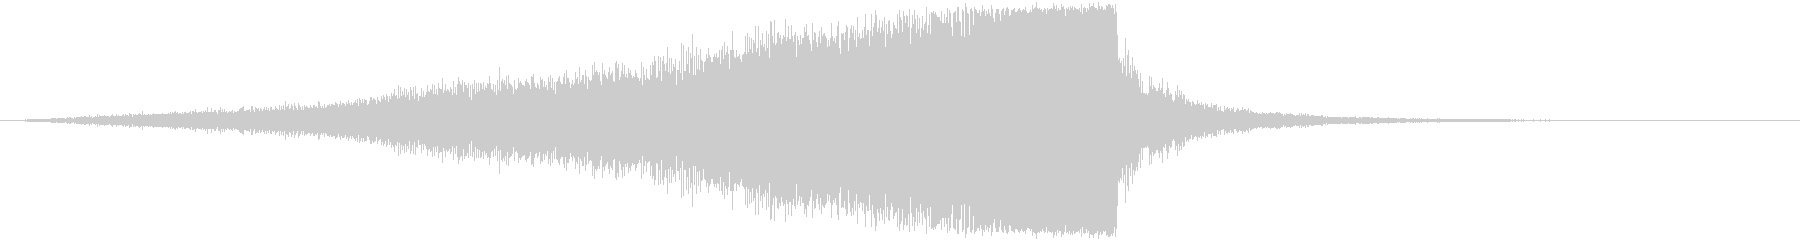 【シーン切替】ダークシネマサウンド_02の未再生の波形